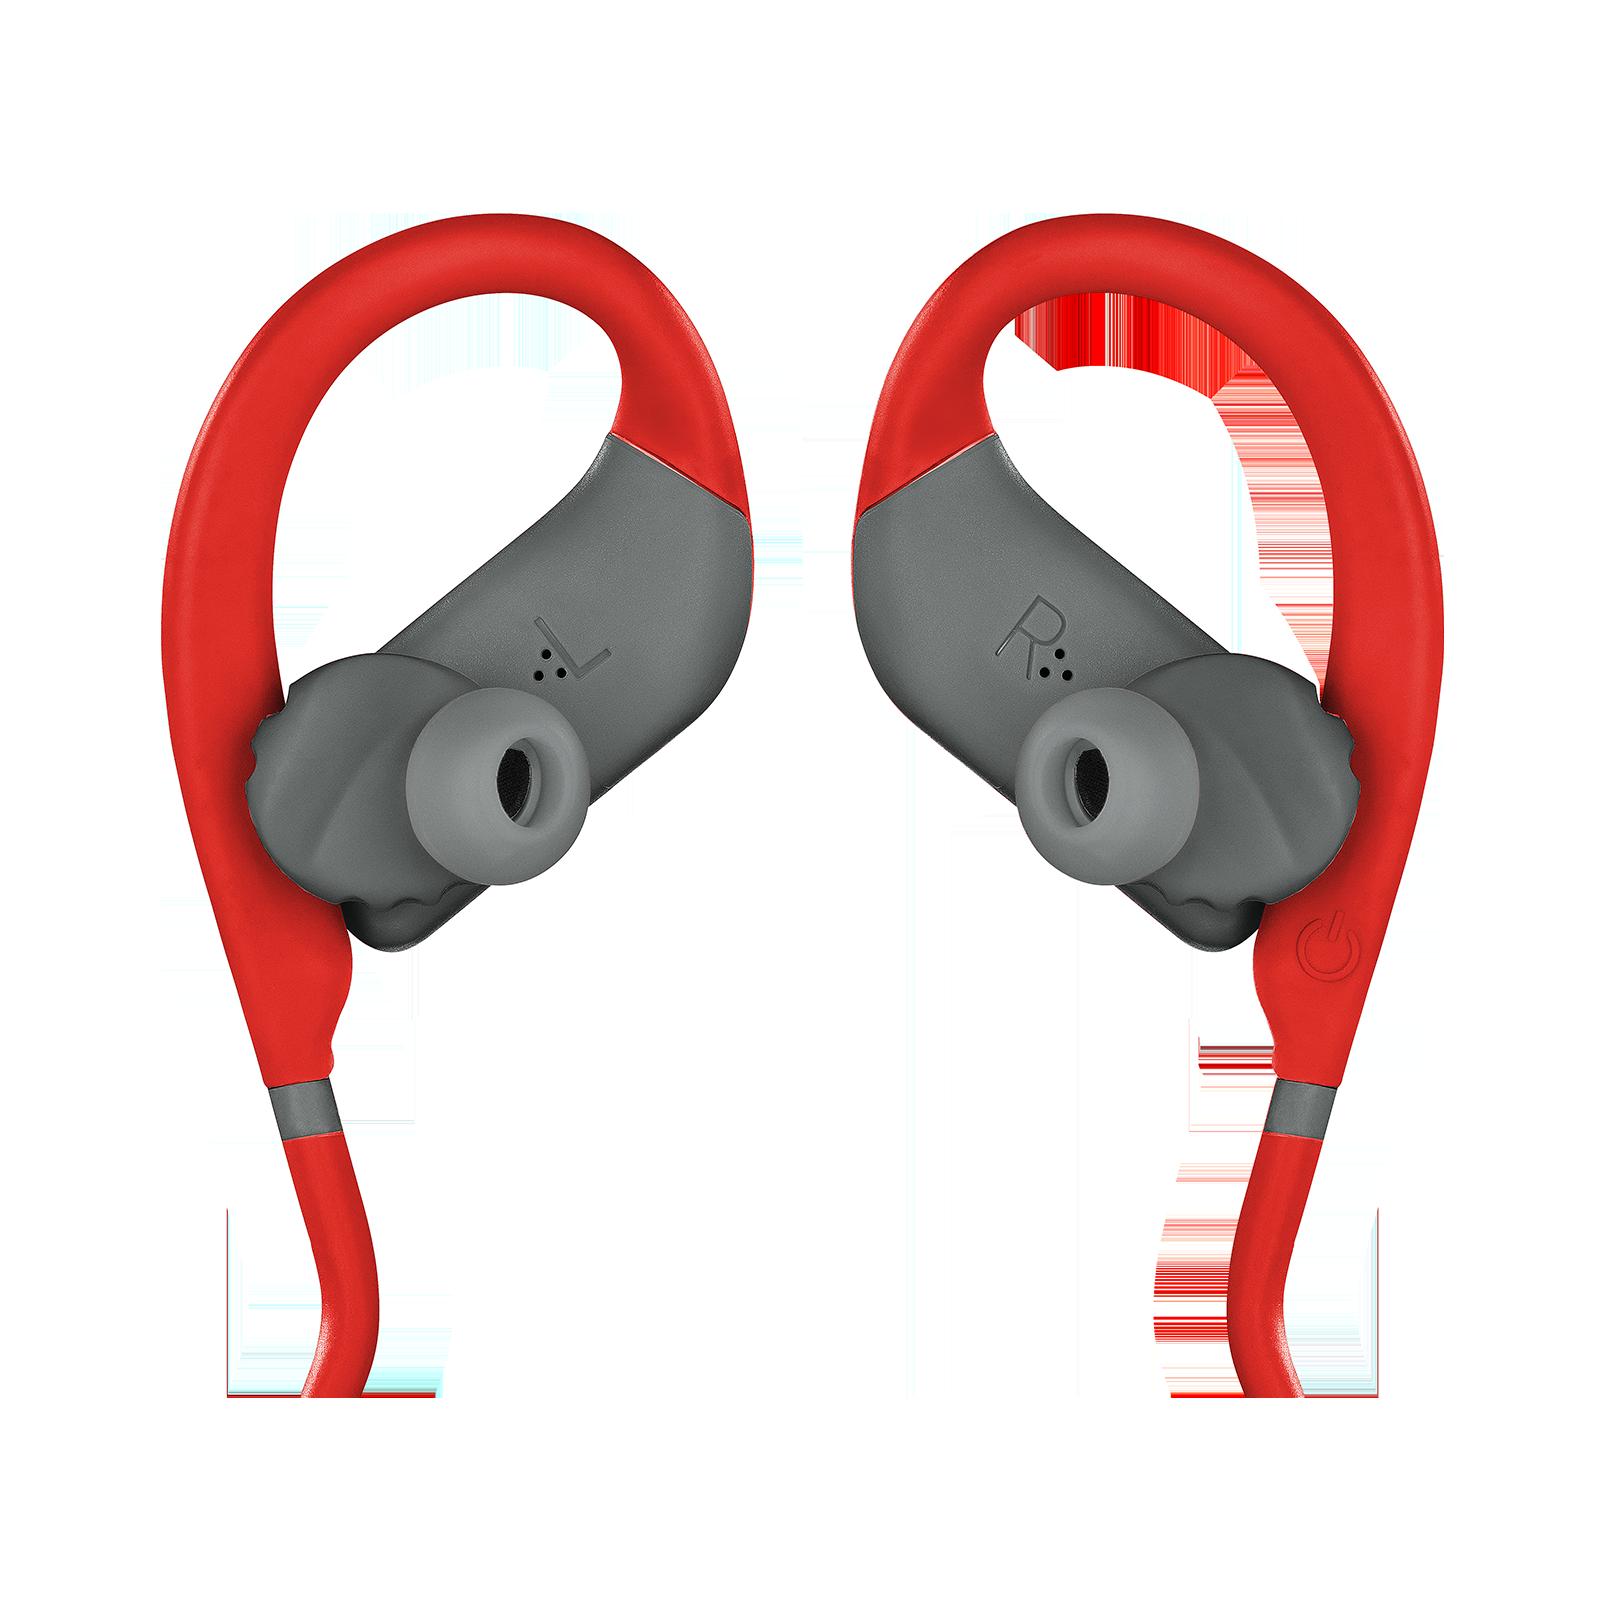 JBL Endurance JUMP - Red - Waterproof Wireless Sport In-Ear Headphones - Detailshot 3